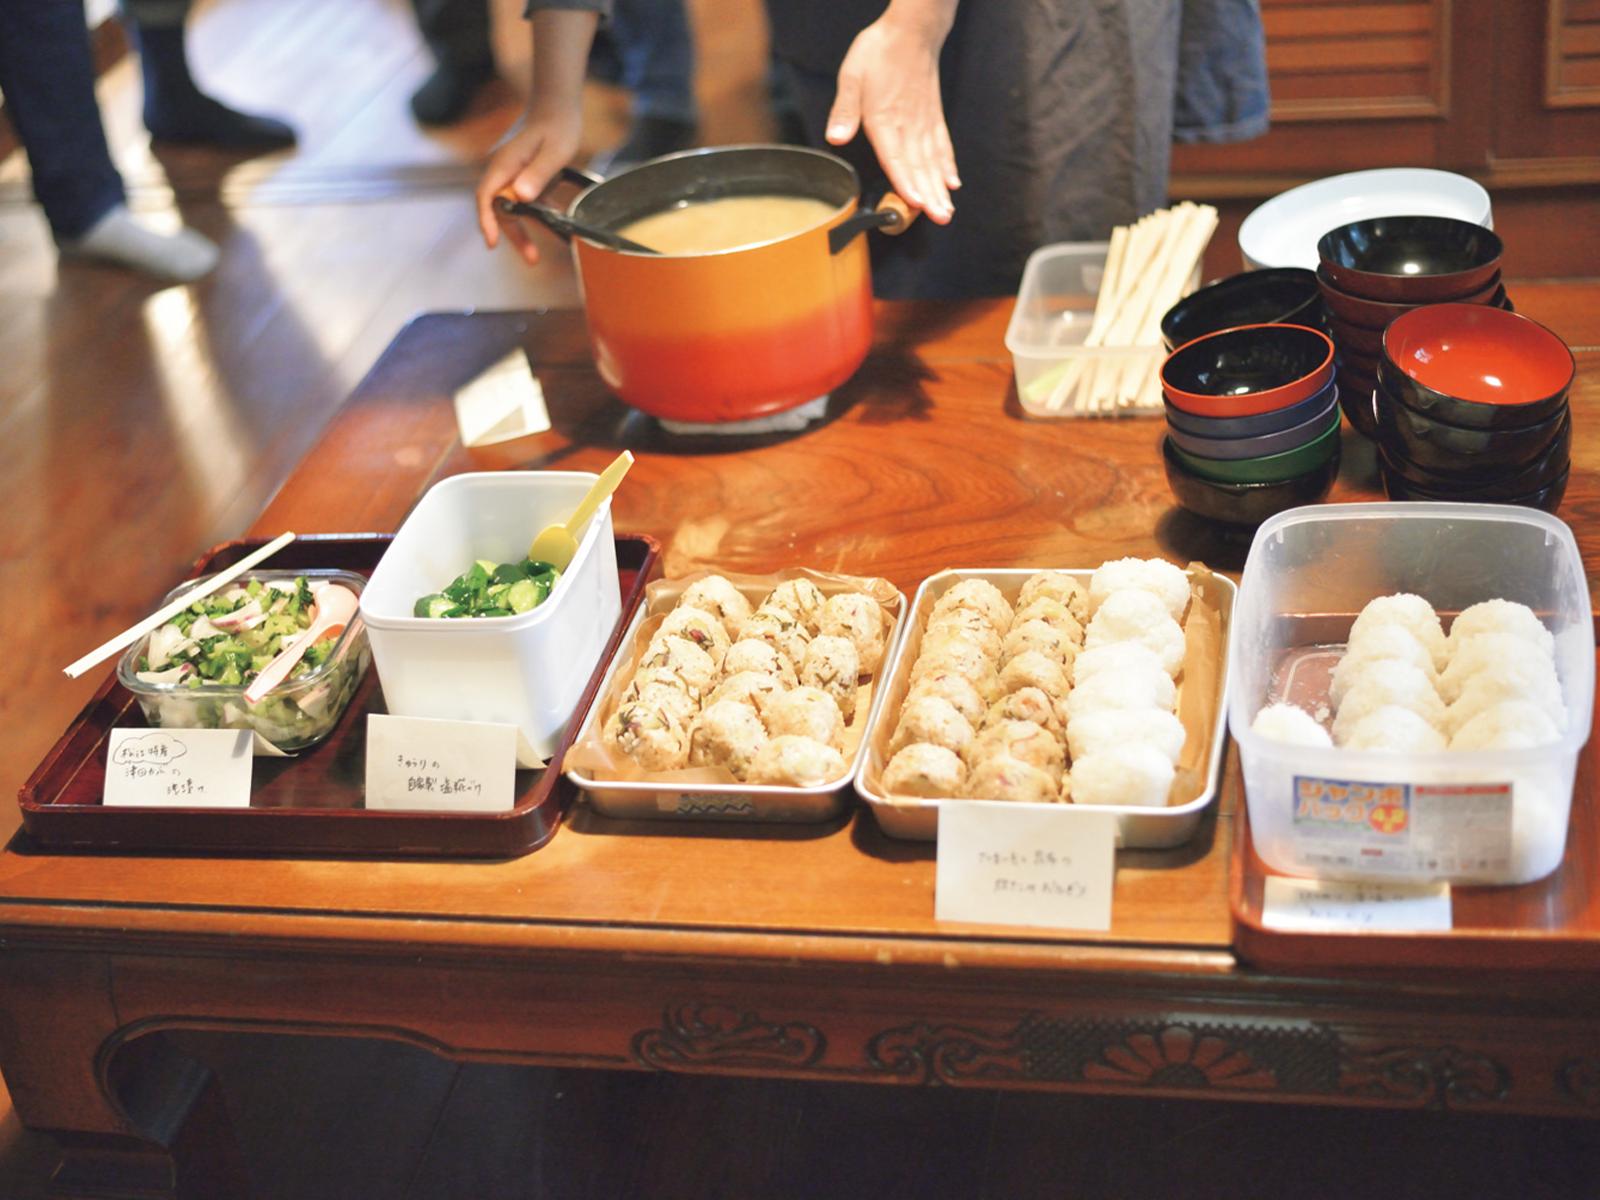 食事は、地元の方が地元の食材でつくったものをいただく。